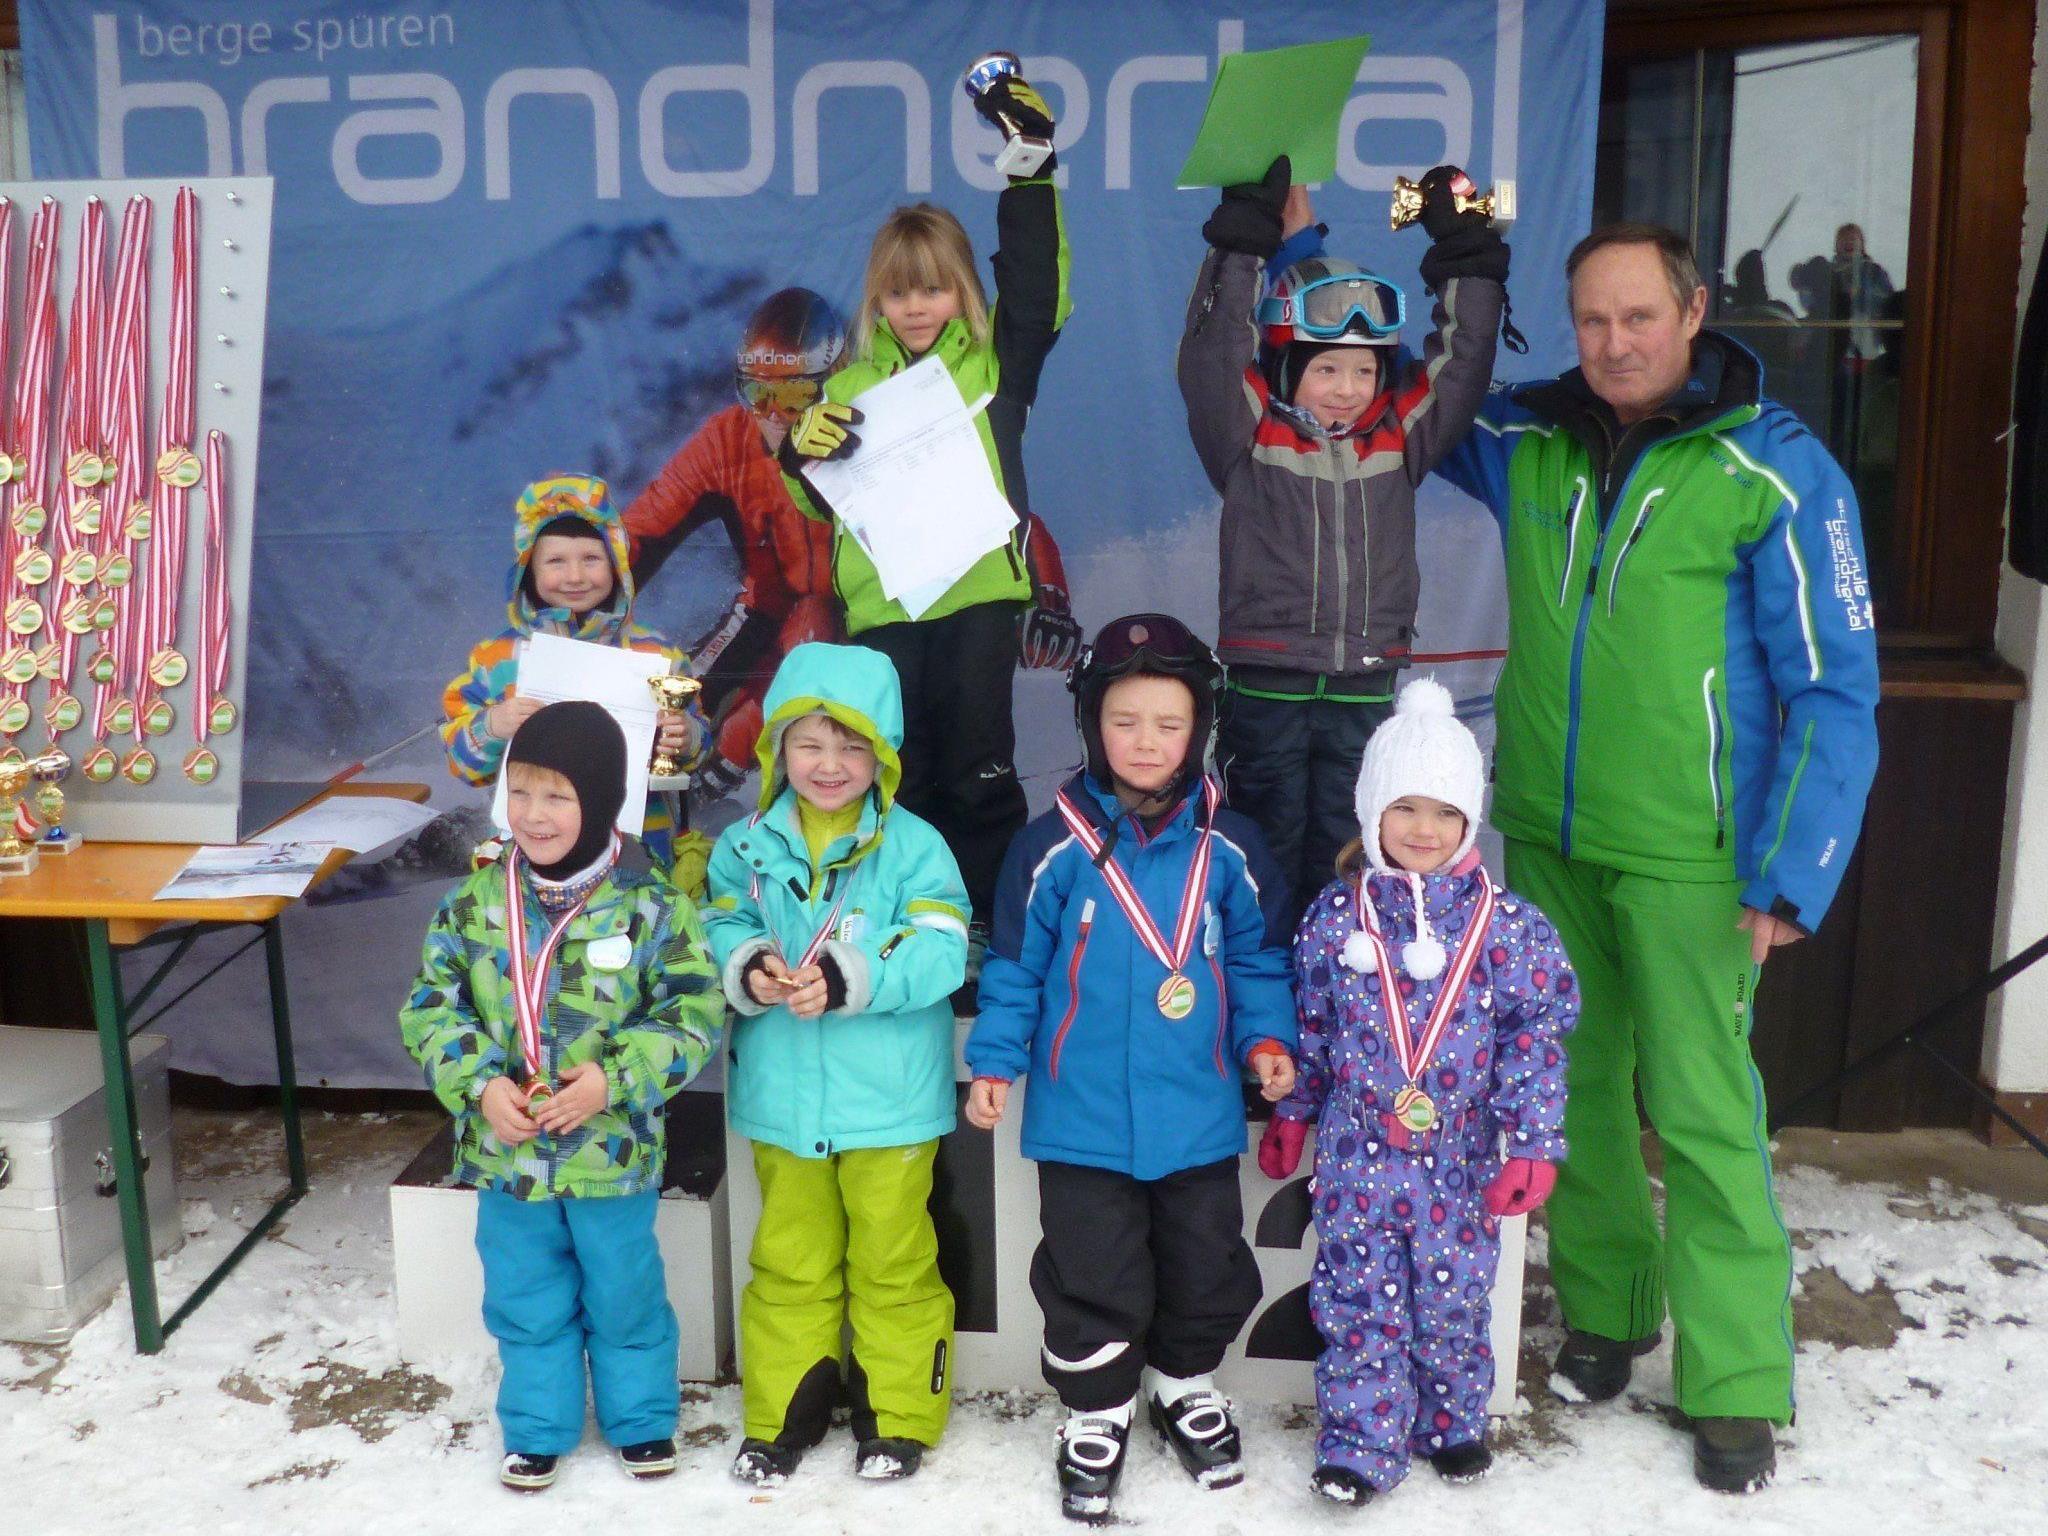 Bei der Preisverteilung präsentierten die Kinder ihre Pokale und Medailien den stolzen Eltern.